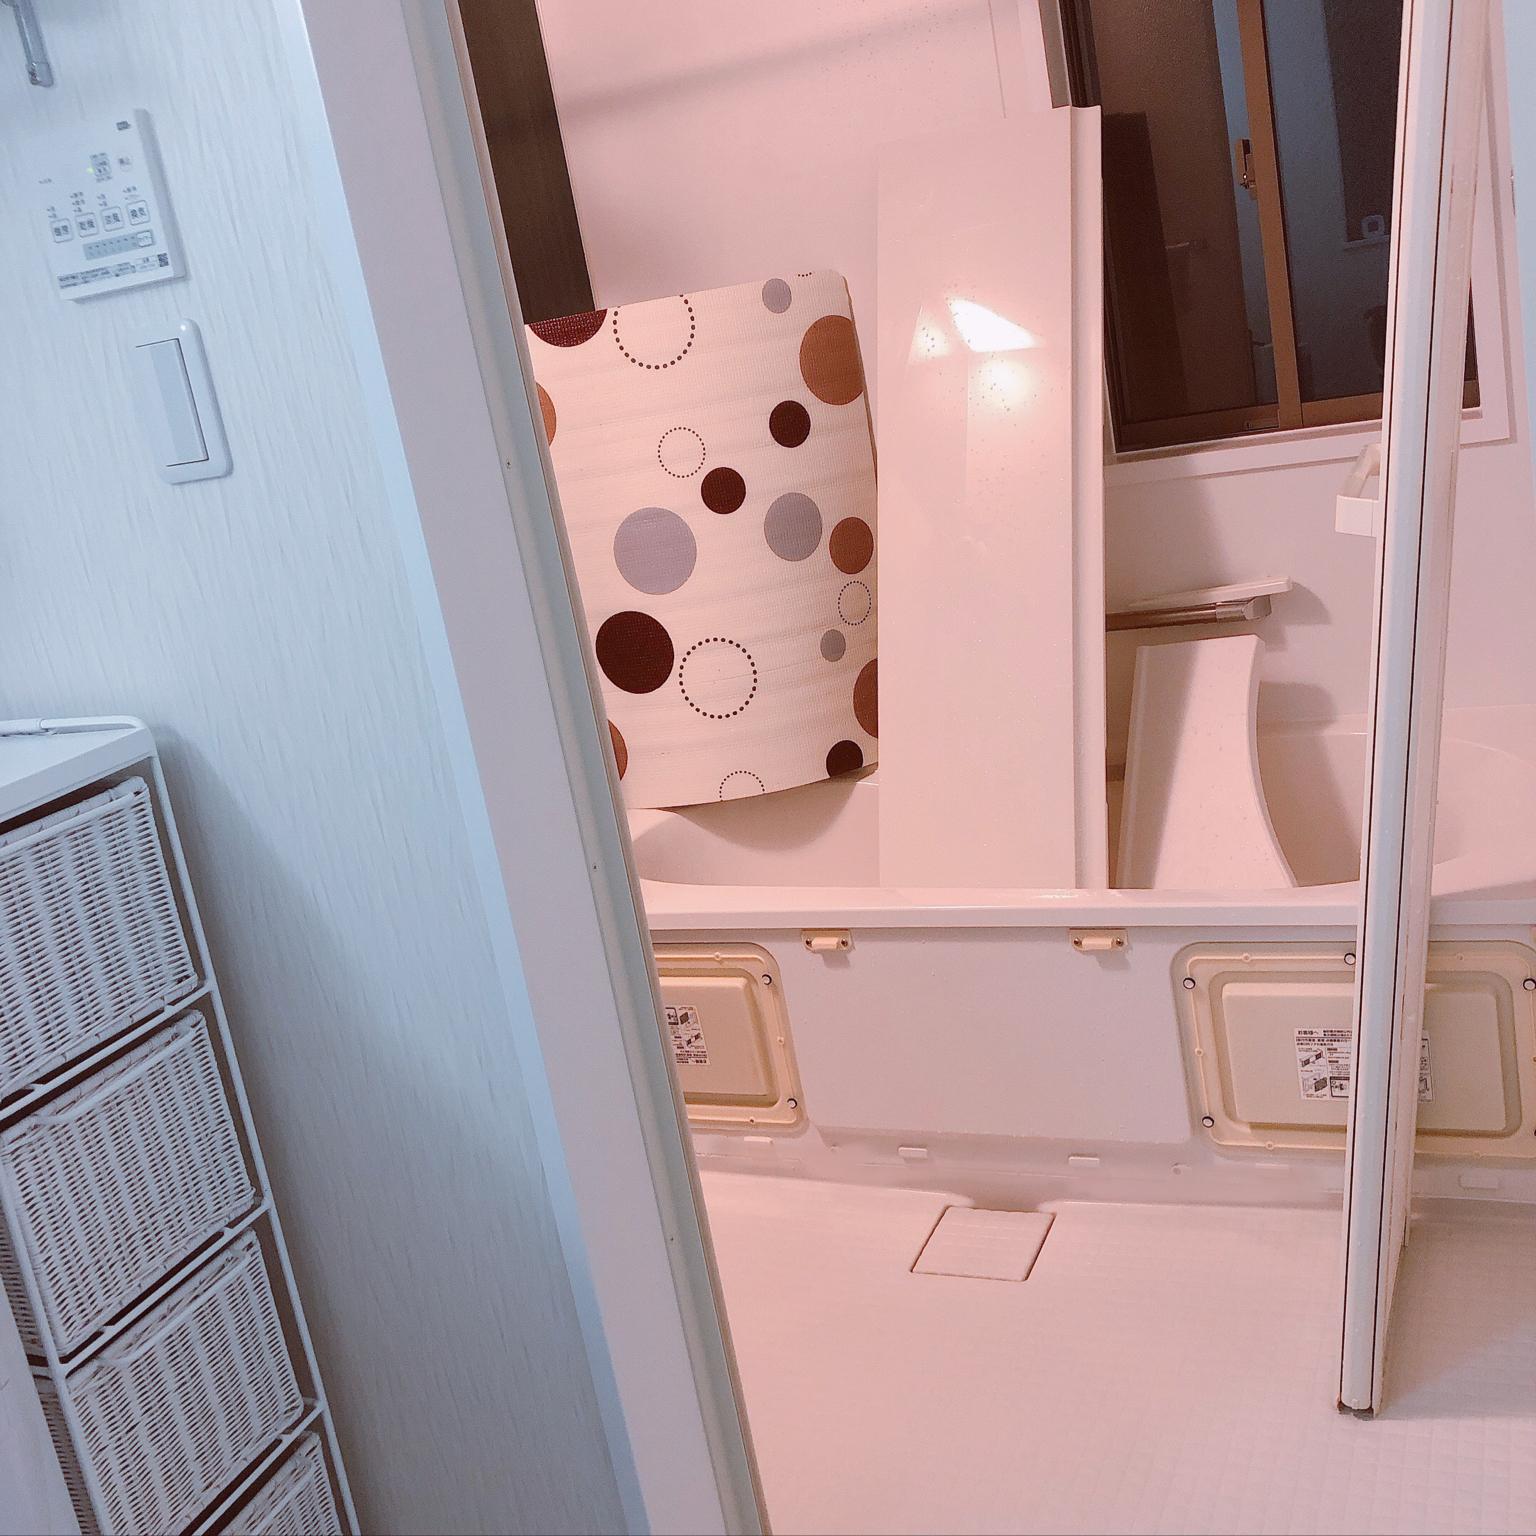 風呂掃除/狭小三階建て/狭小住宅/バス/トイレのインテリア実例 - 2021-04-22 22:42:37